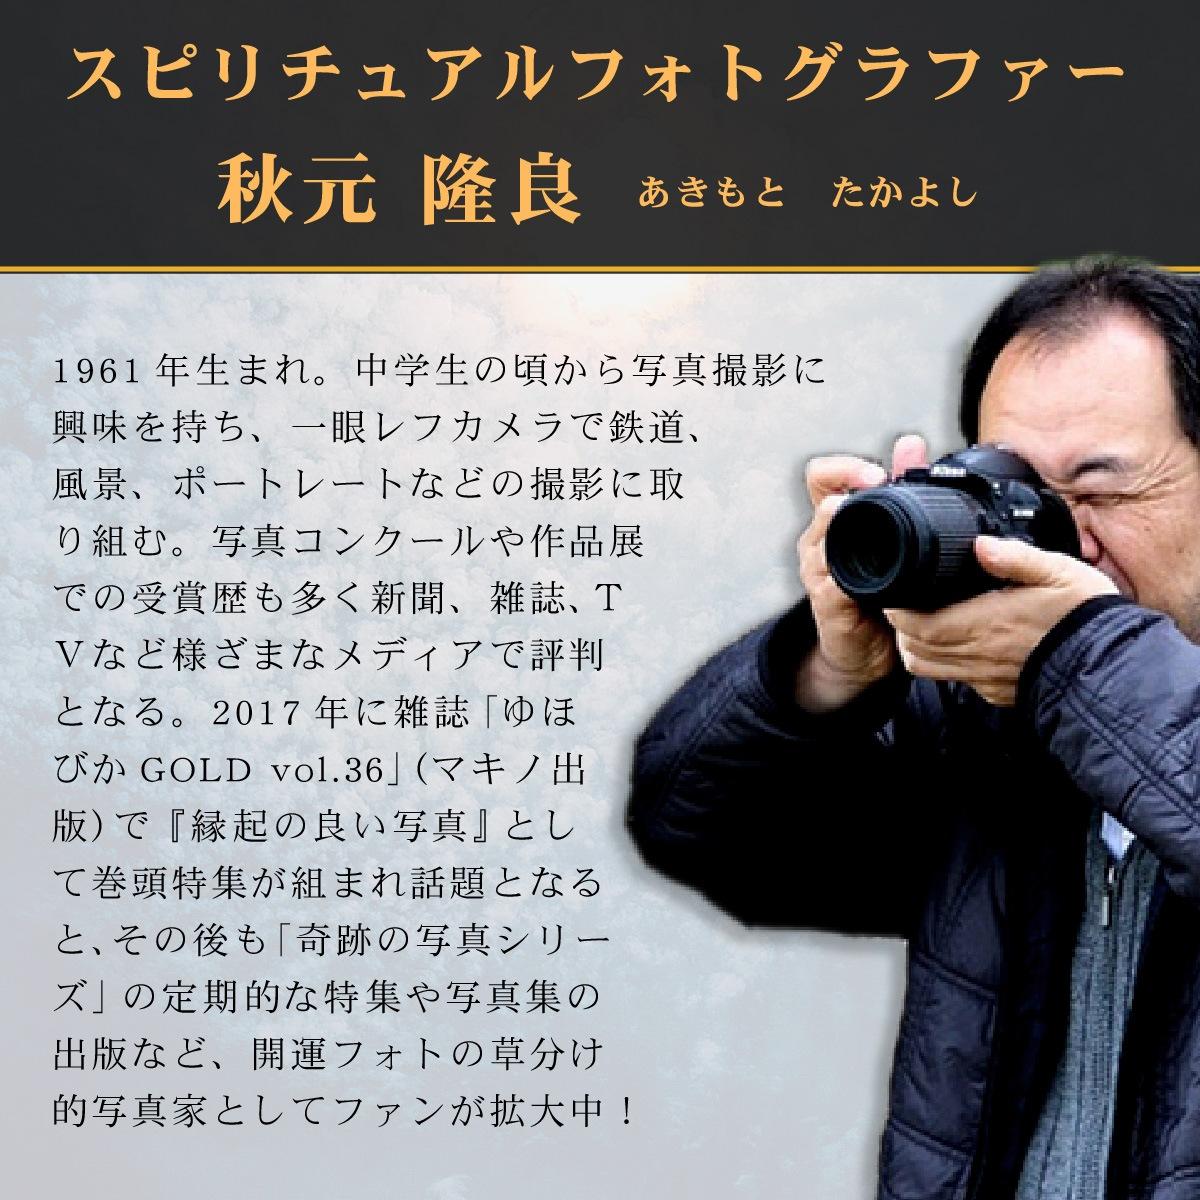 【奇跡の写真】富嶽 黄金龍 ≫飾るだけで幸運が連鎖すると話題!秋元隆良の開運フォト作品